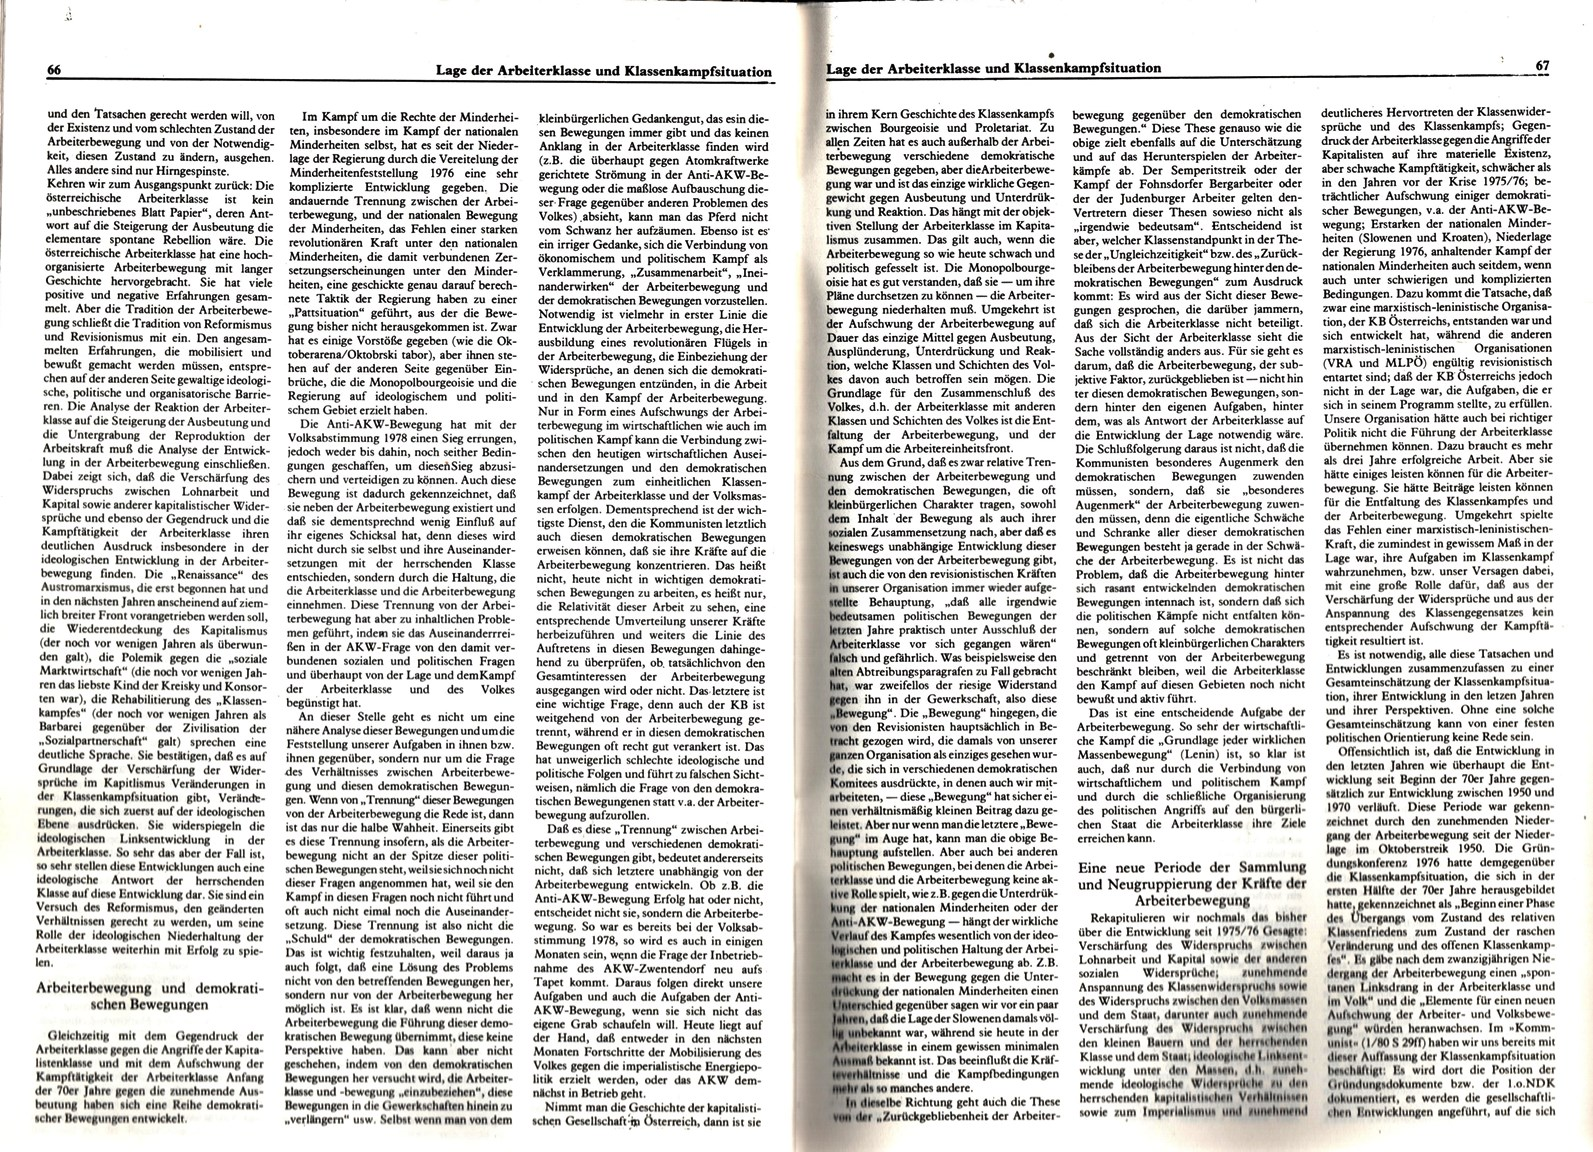 KBOe_TO_Kommunist_19800200_002_017